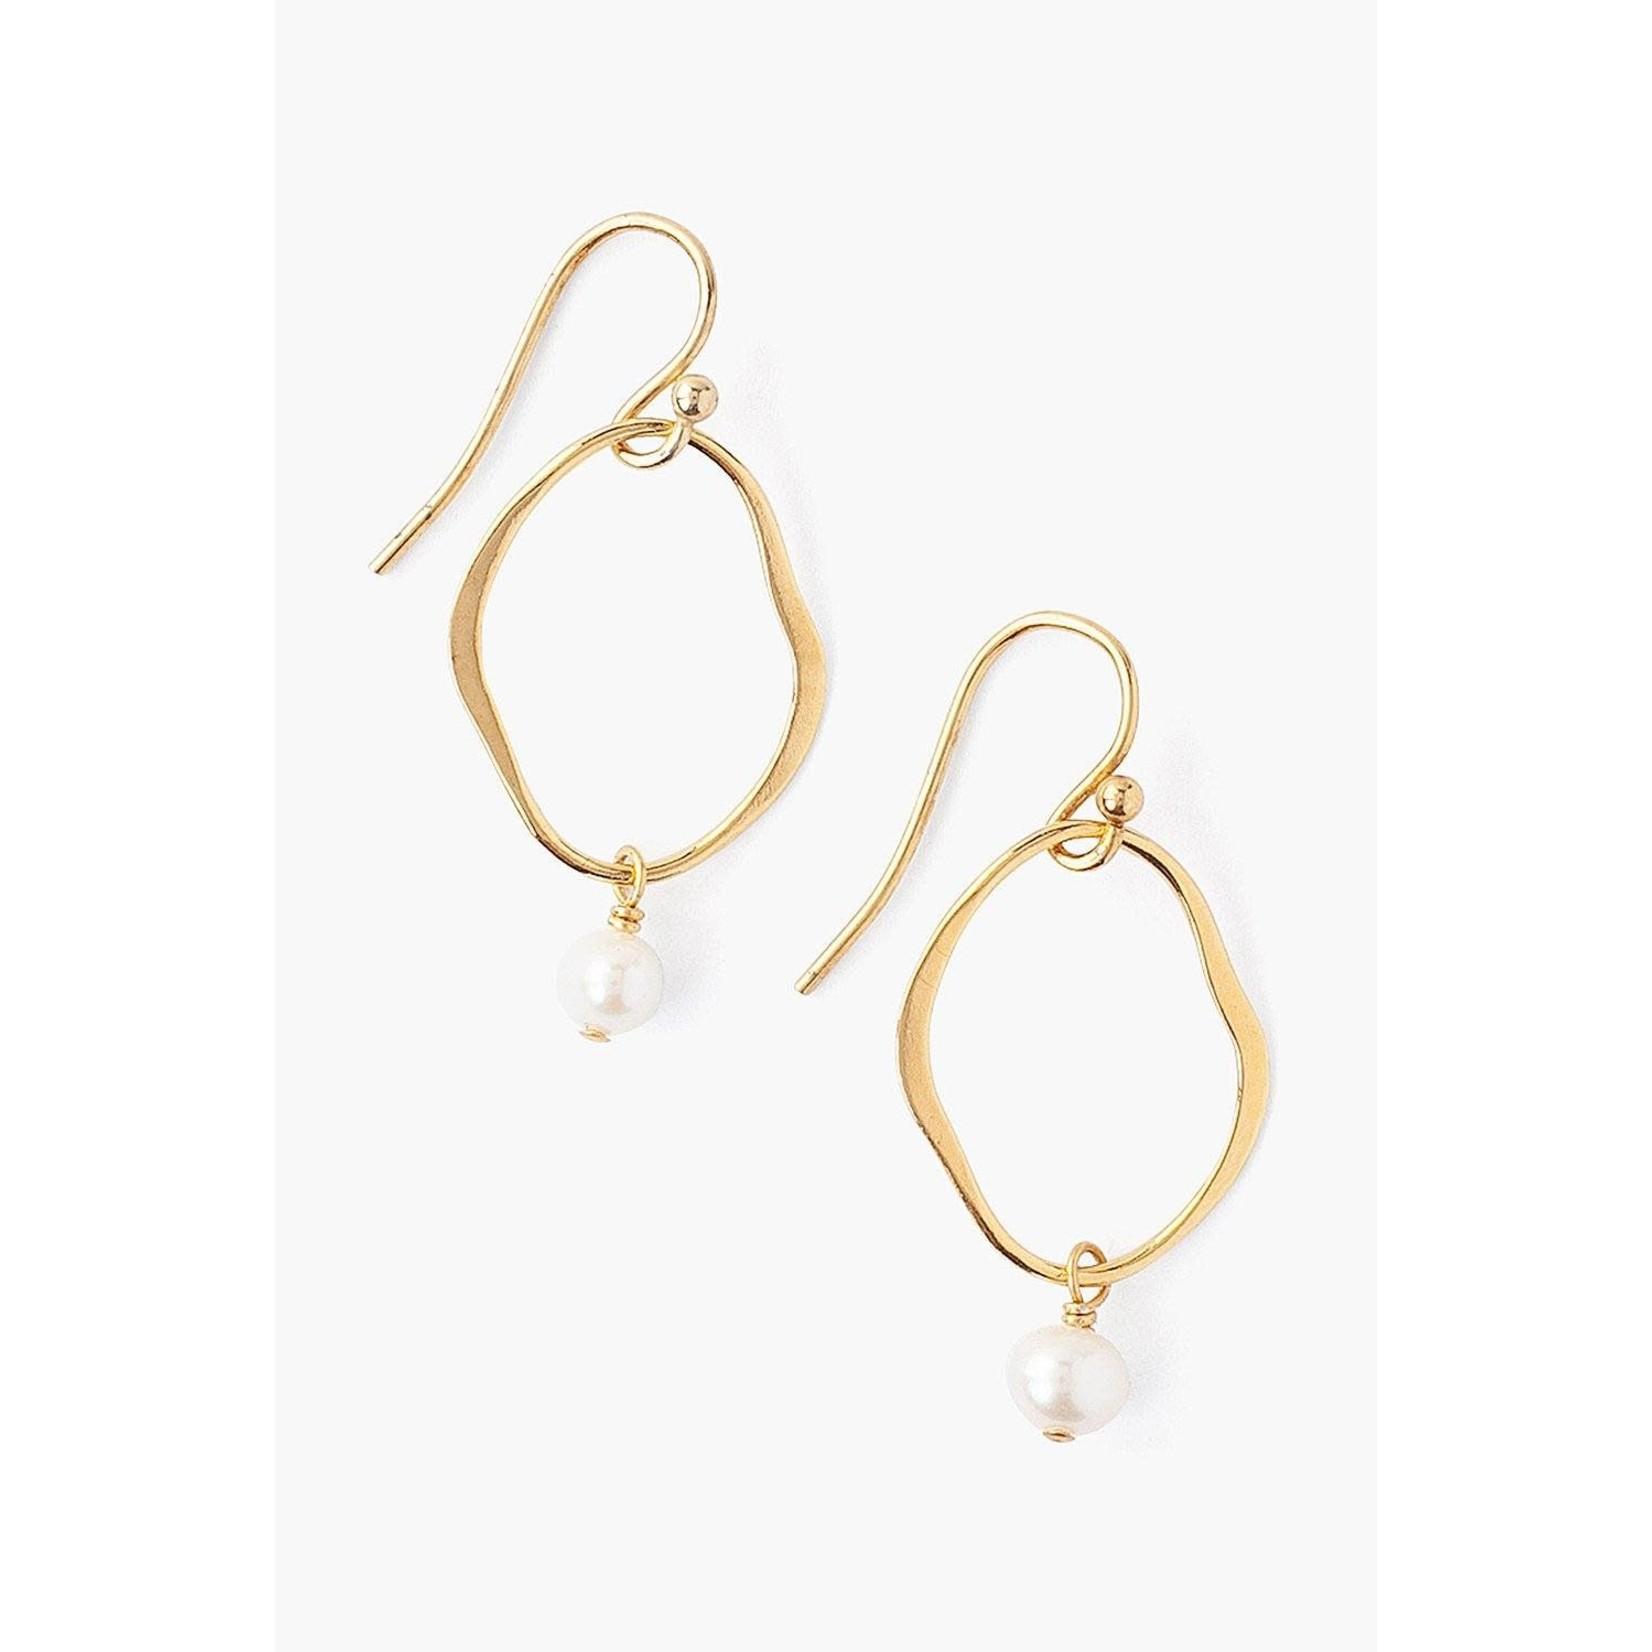 EG-5201 White Pearl Earrings